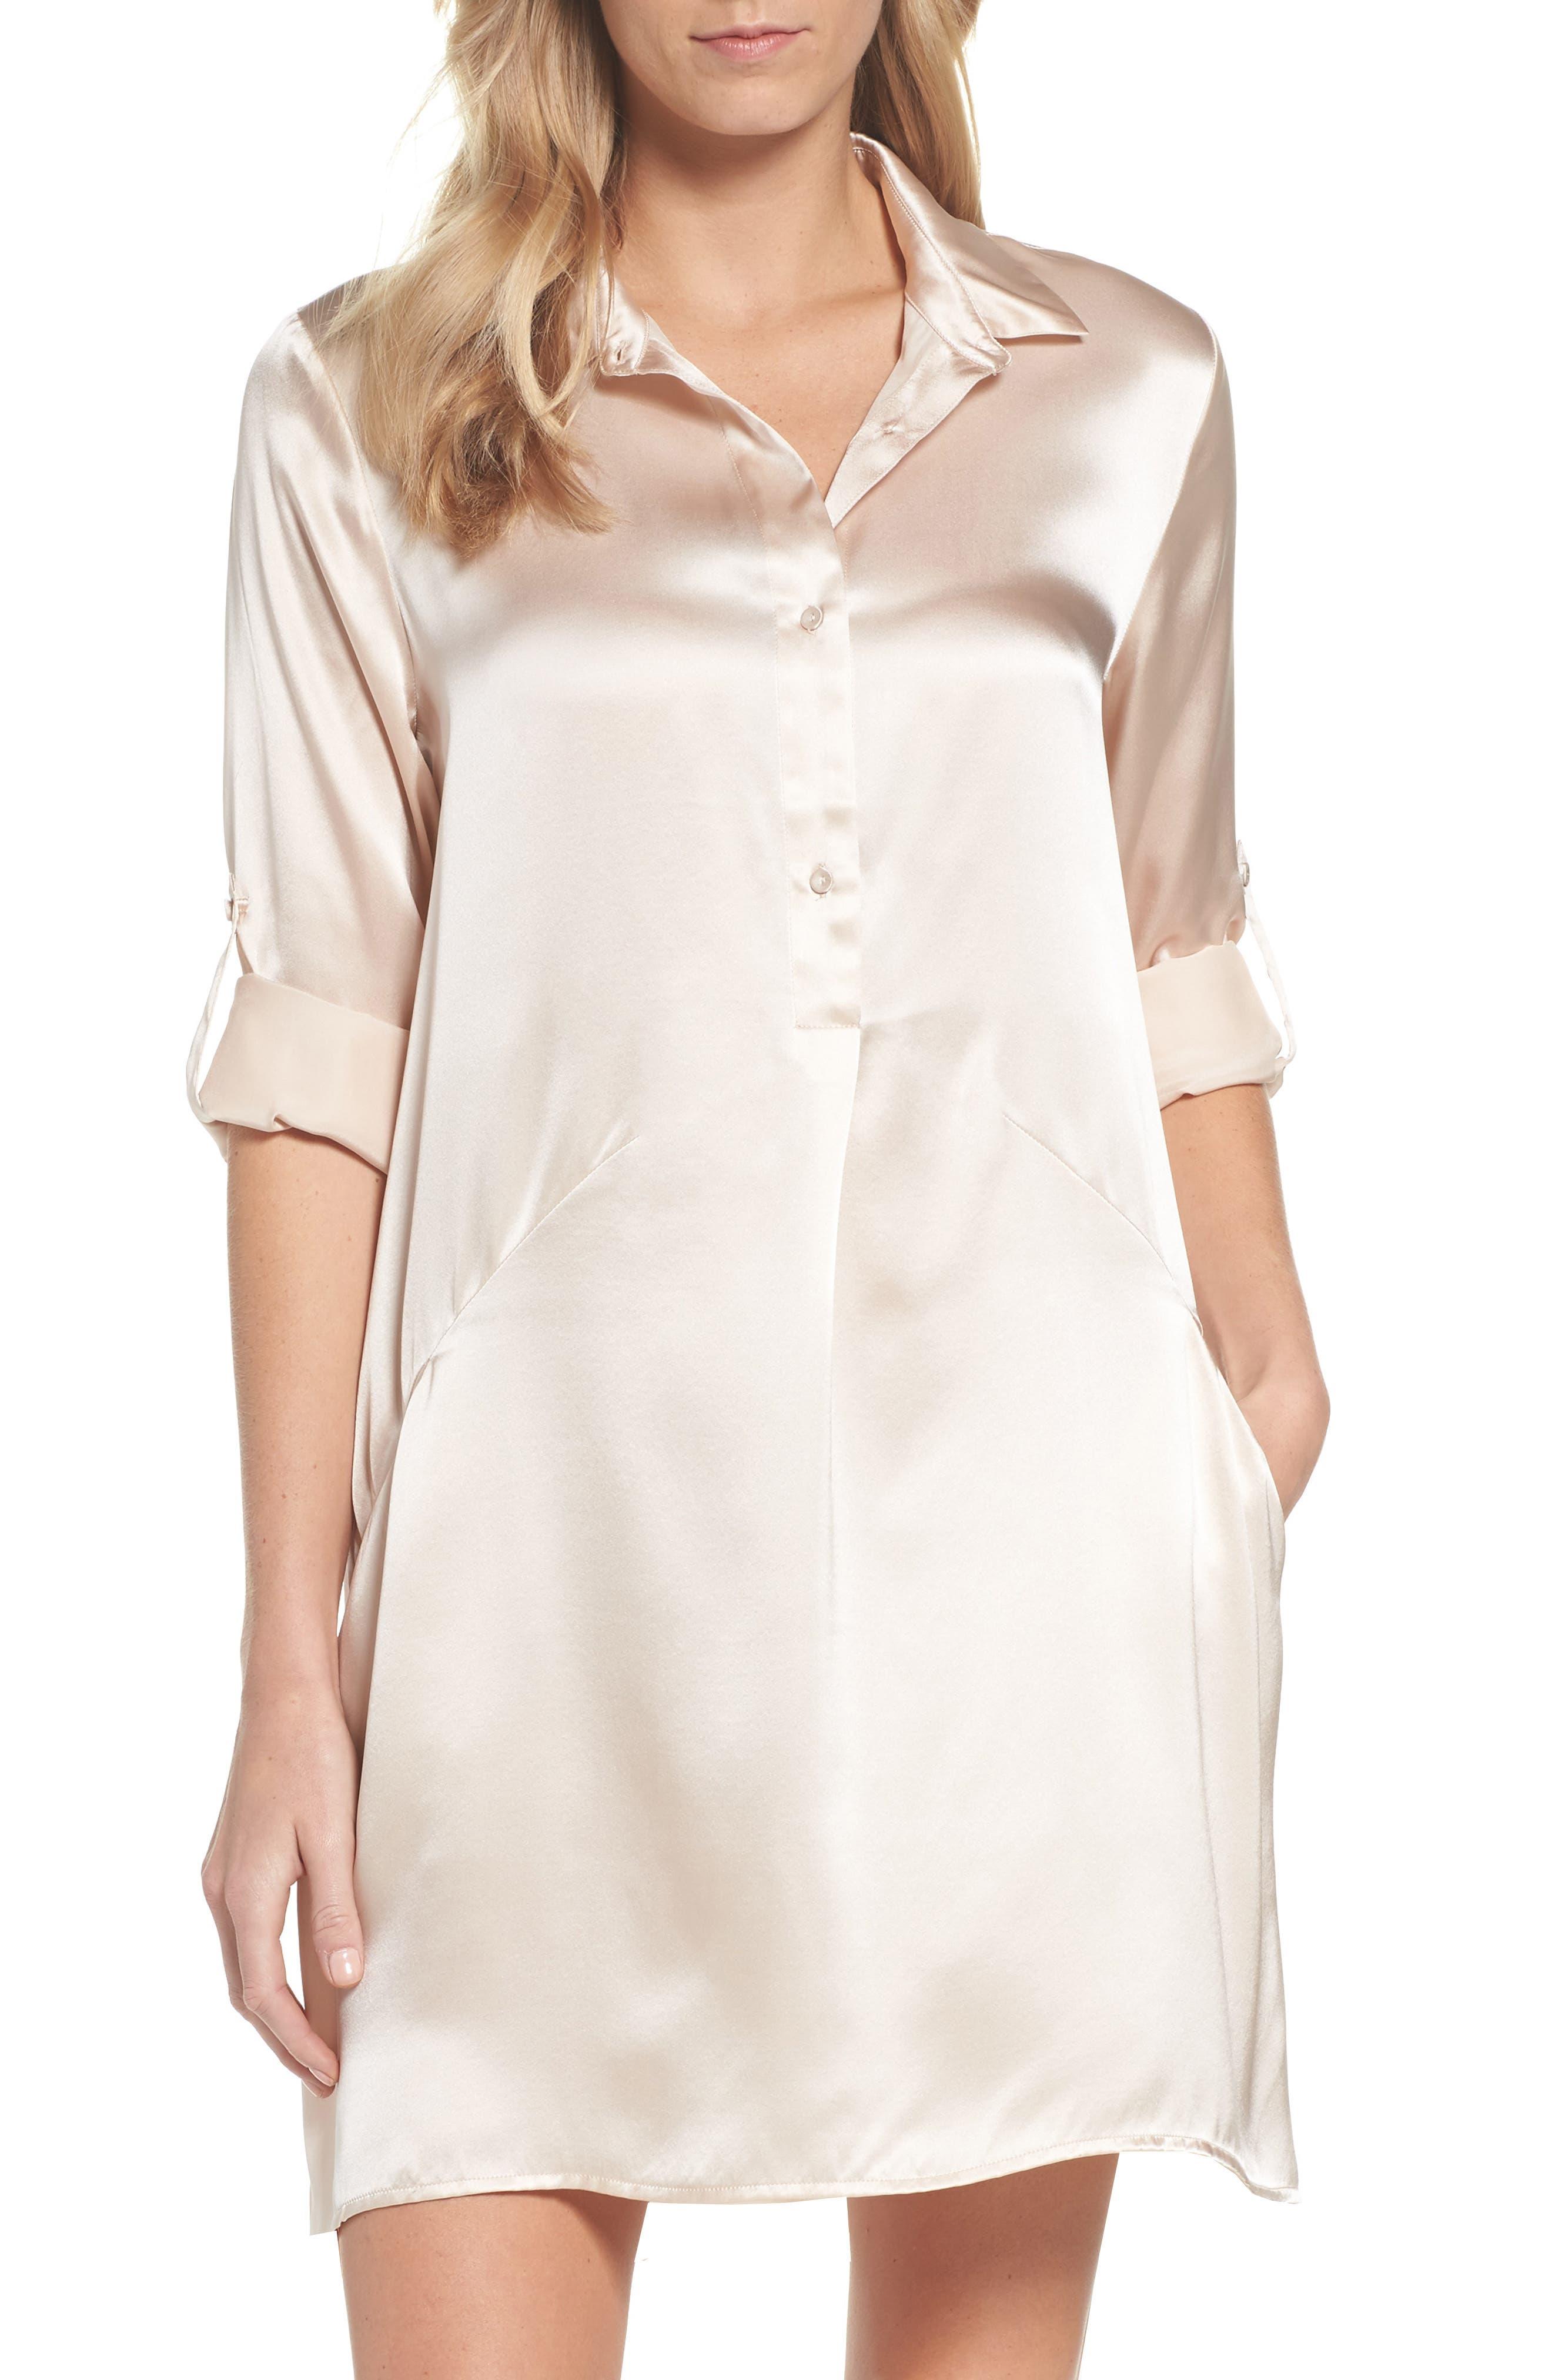 Silk Sleep Shirt,                         Main,                         color, Romance